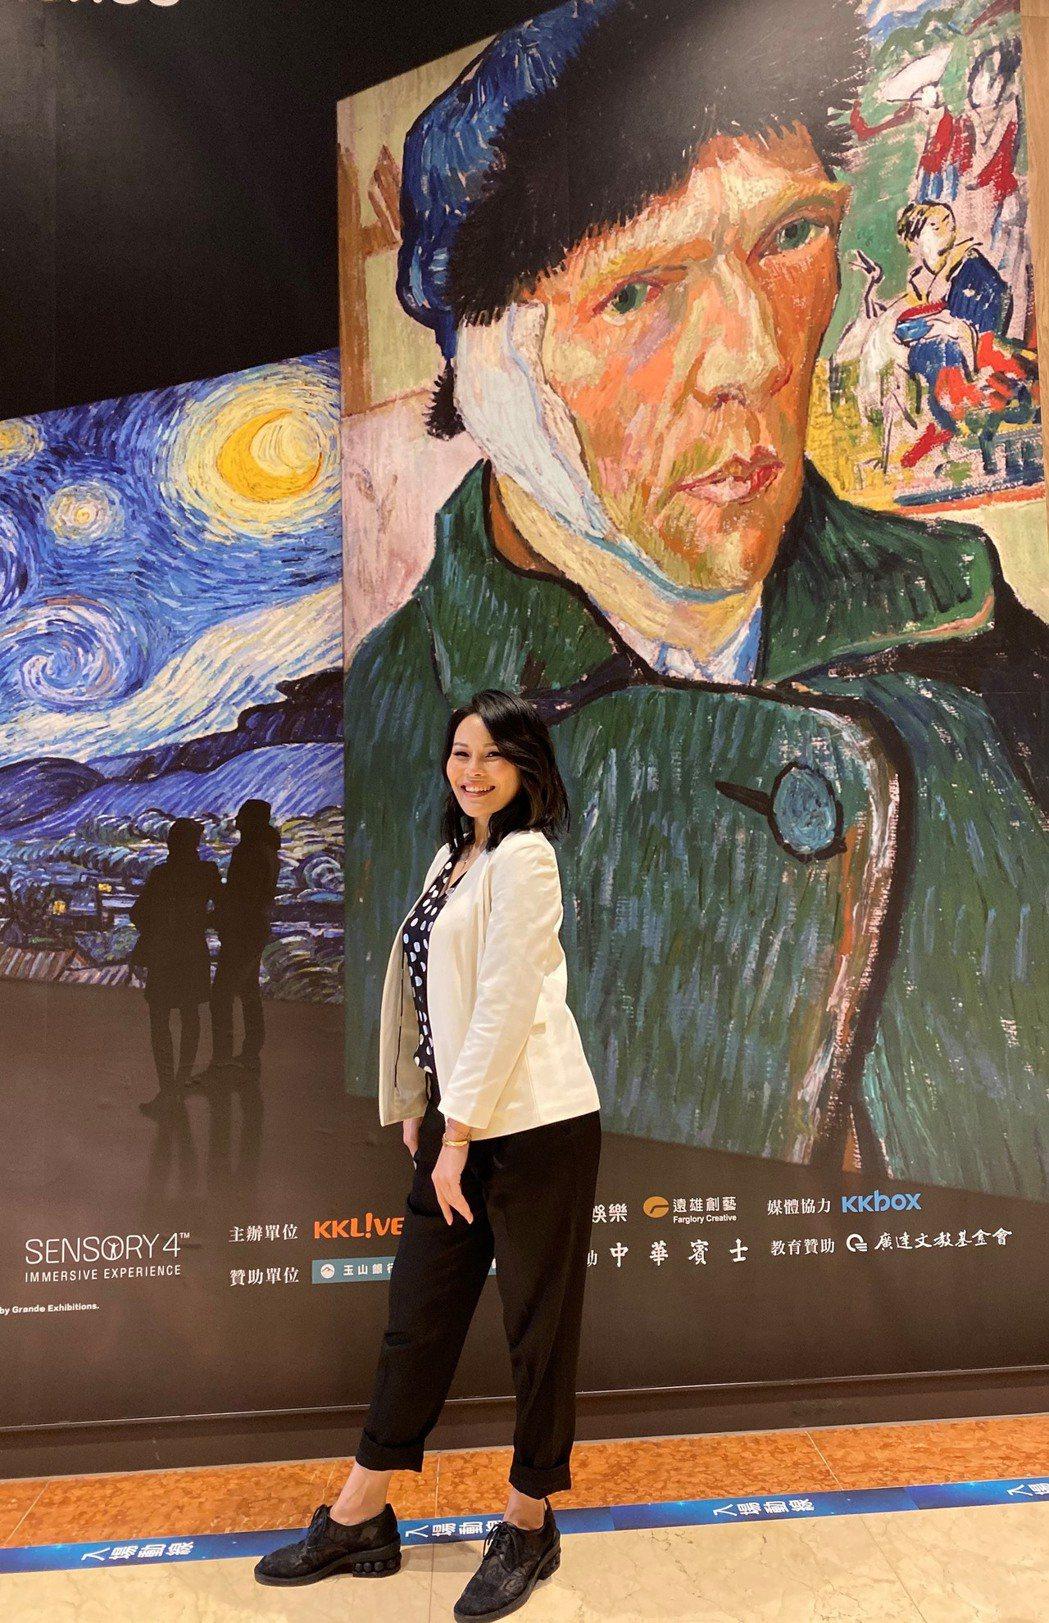 周蕙明天生日43歲生日,將開放粉絲點歌傳情。圖/華研提供